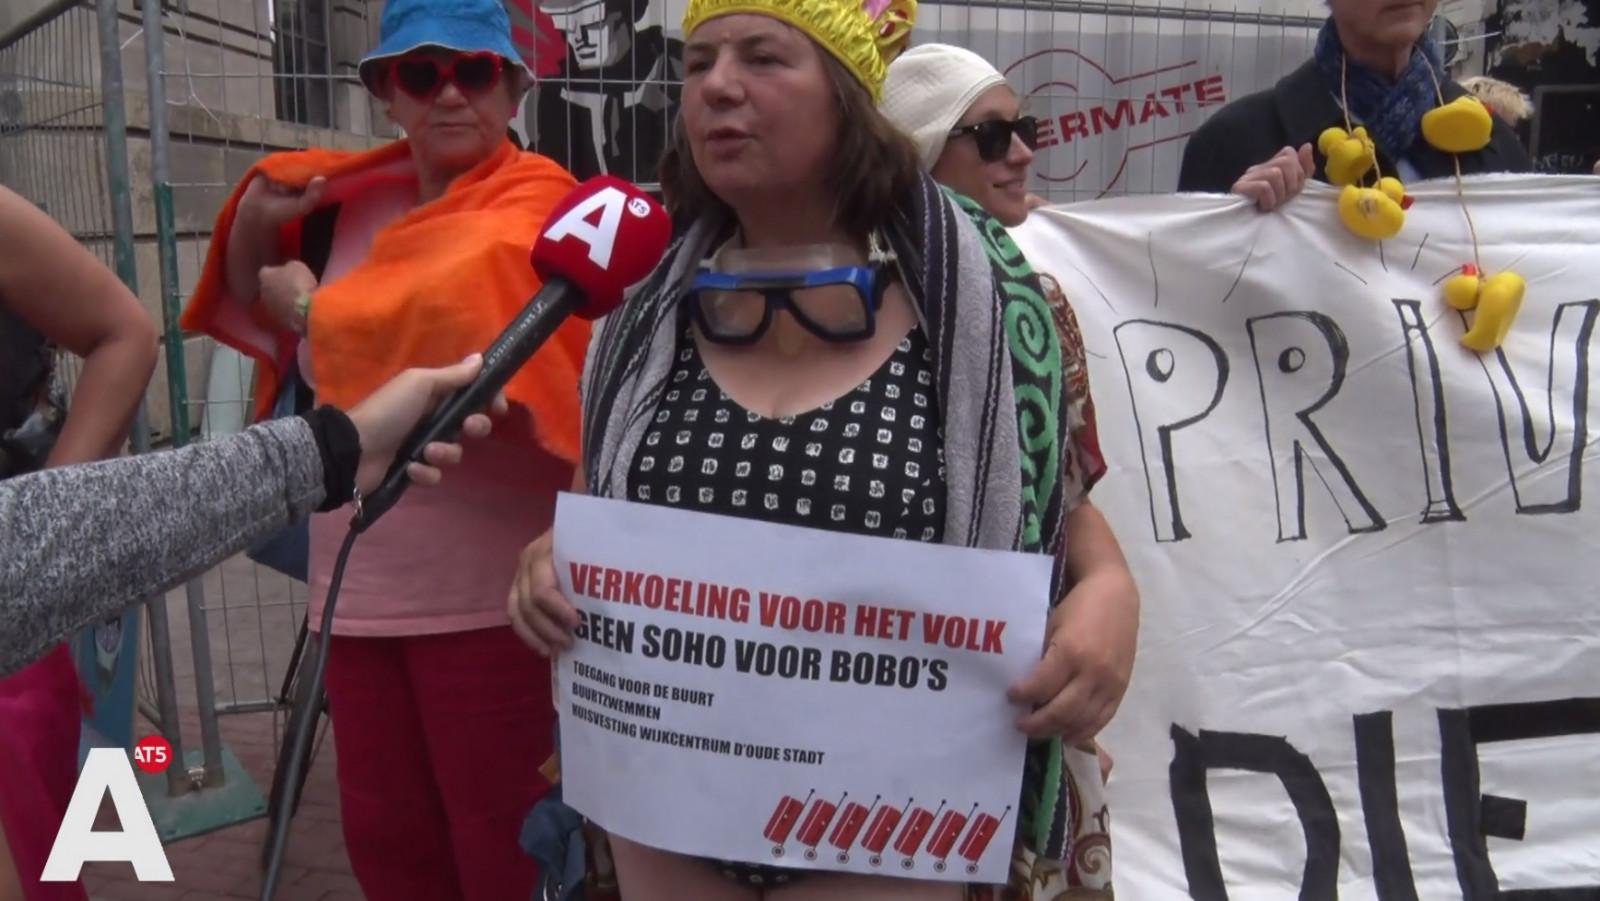 Badpak Zwemmen.Demonstranten In Badpak Verzamelen Zich Voor Soho House Wij Gaan